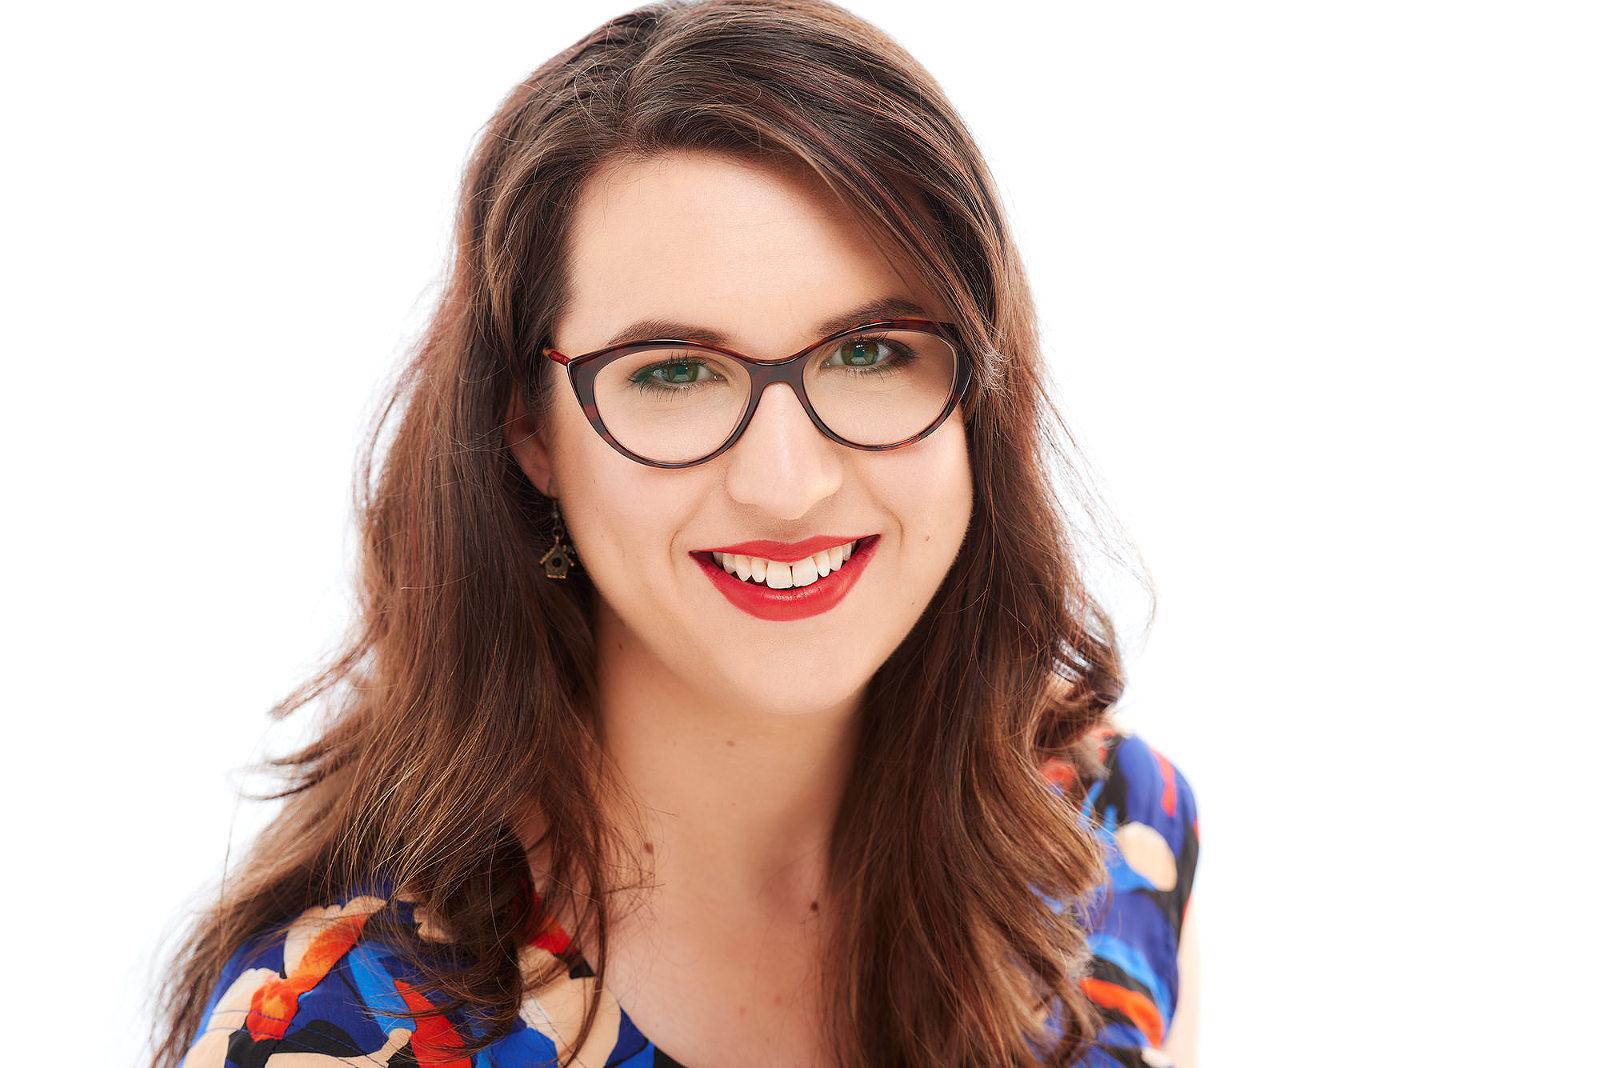 headshots for amazing Sydney women